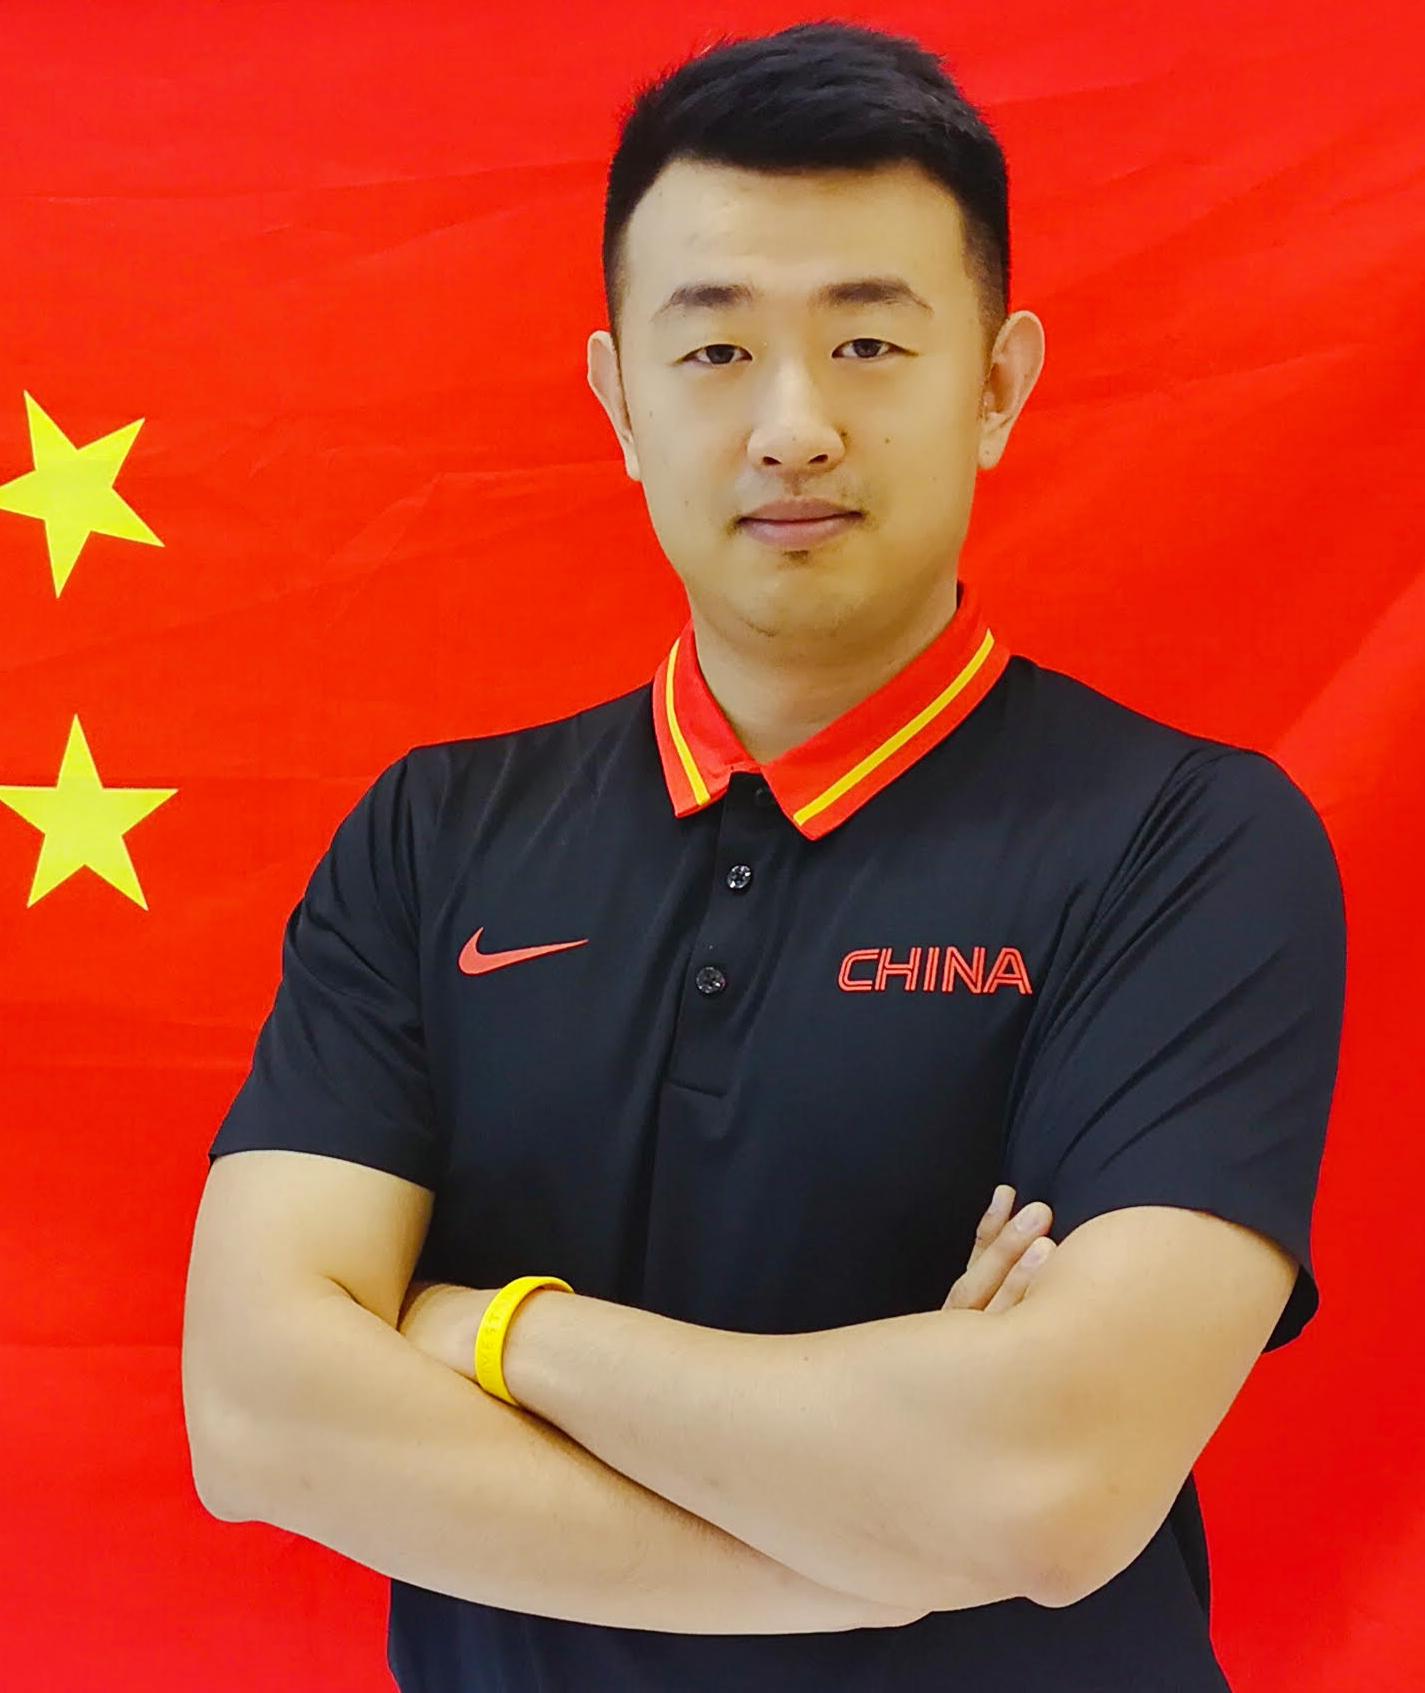 Runtao Wang